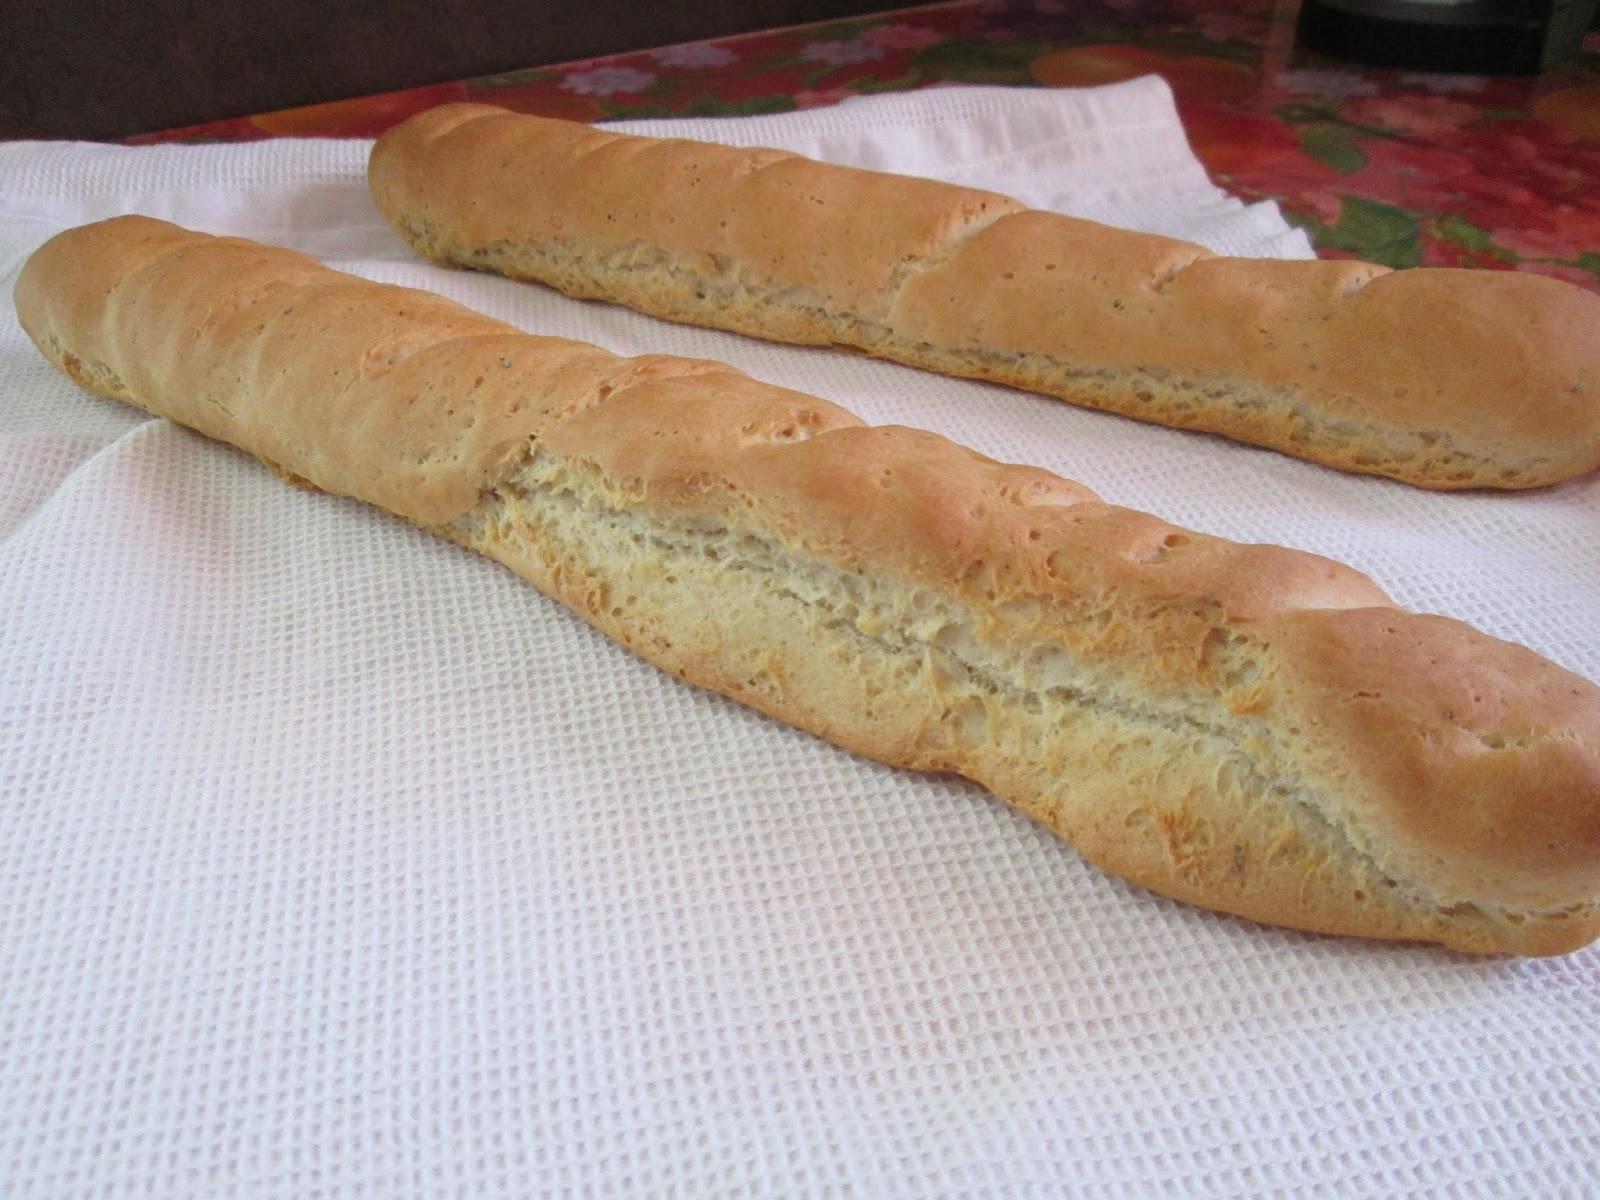 Recette du pain sans gluten fait maison baguettes - Faire du pain sans gluten ...